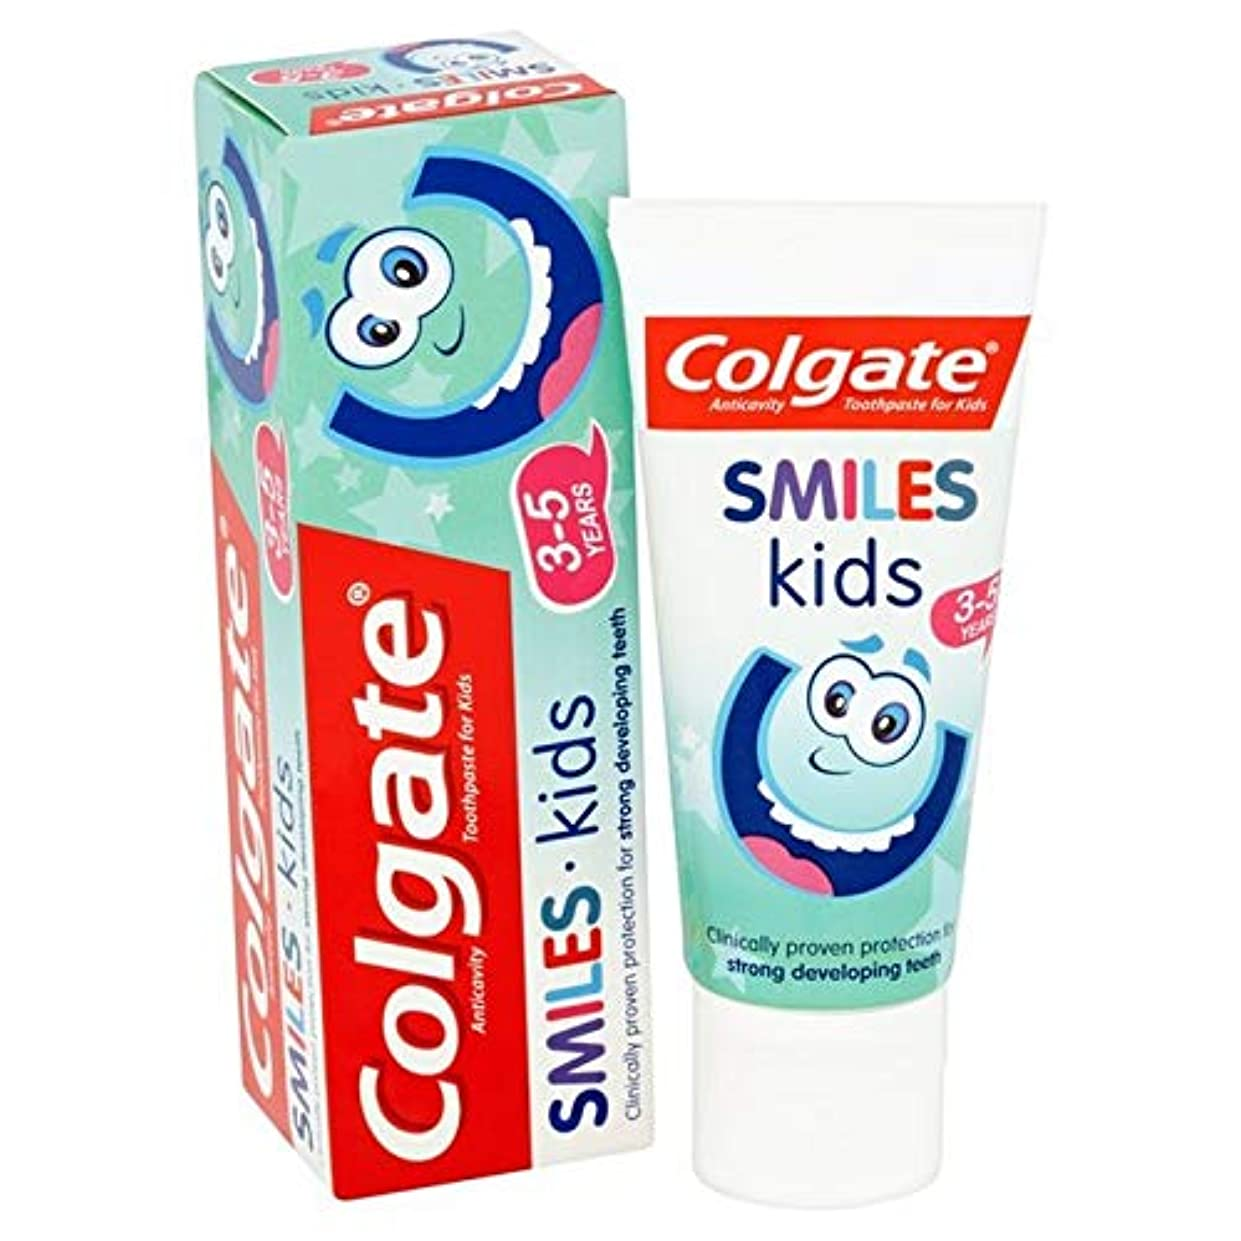 囚人リットルバックアップ[Colgate ] コルゲートは、子供の3~5年の歯磨き粉50ミリリットルを笑顔 - Colgate Smiles Kids 3-5 years Toothpaste 50ml [並行輸入品]